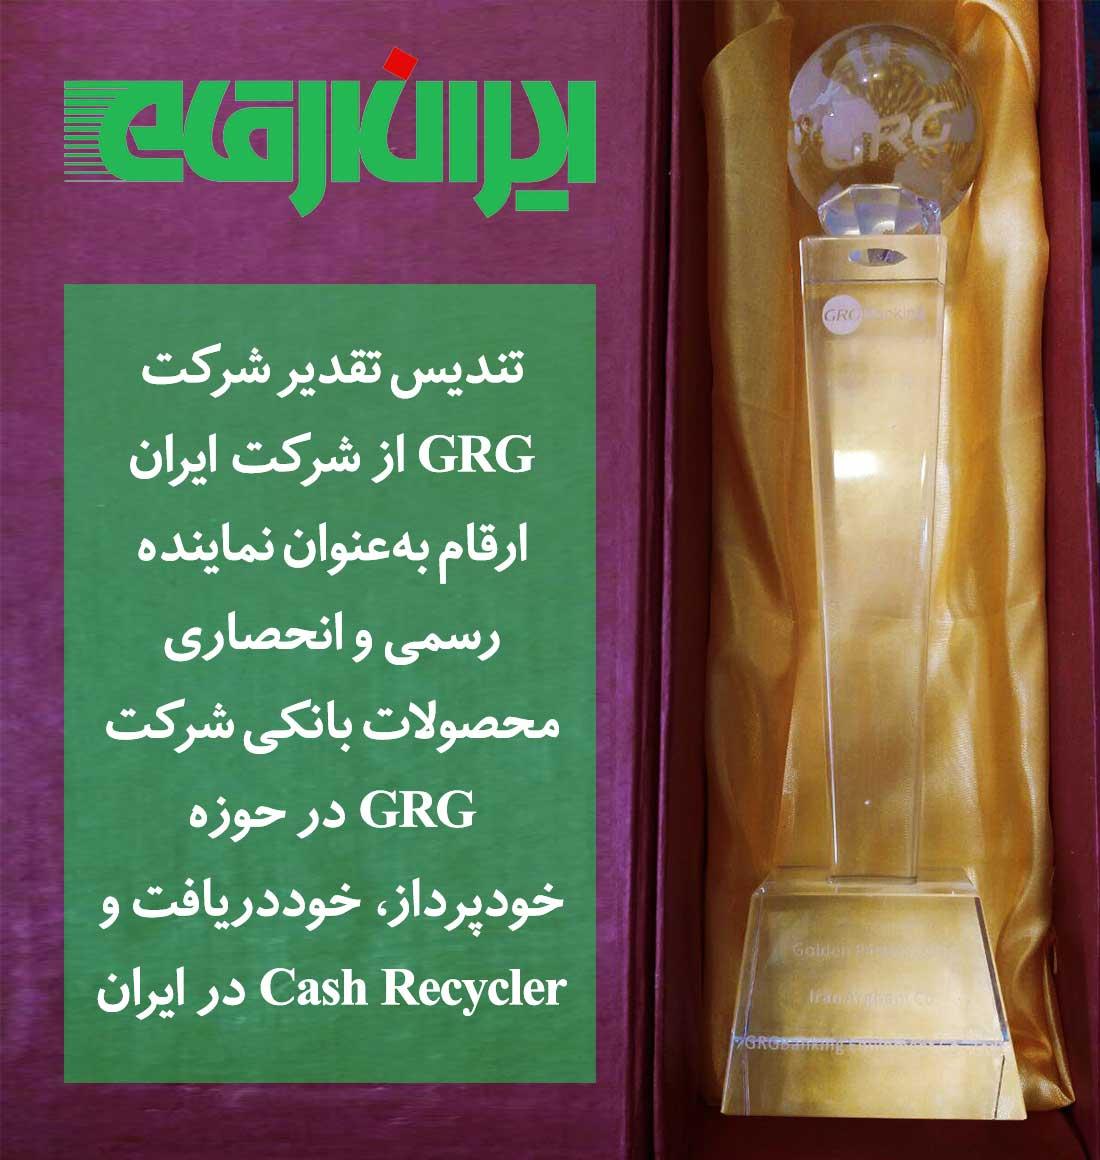 در همایش جهانی GRG از ایران ارقام بهعنوان شریک طلایی تقدیر شد